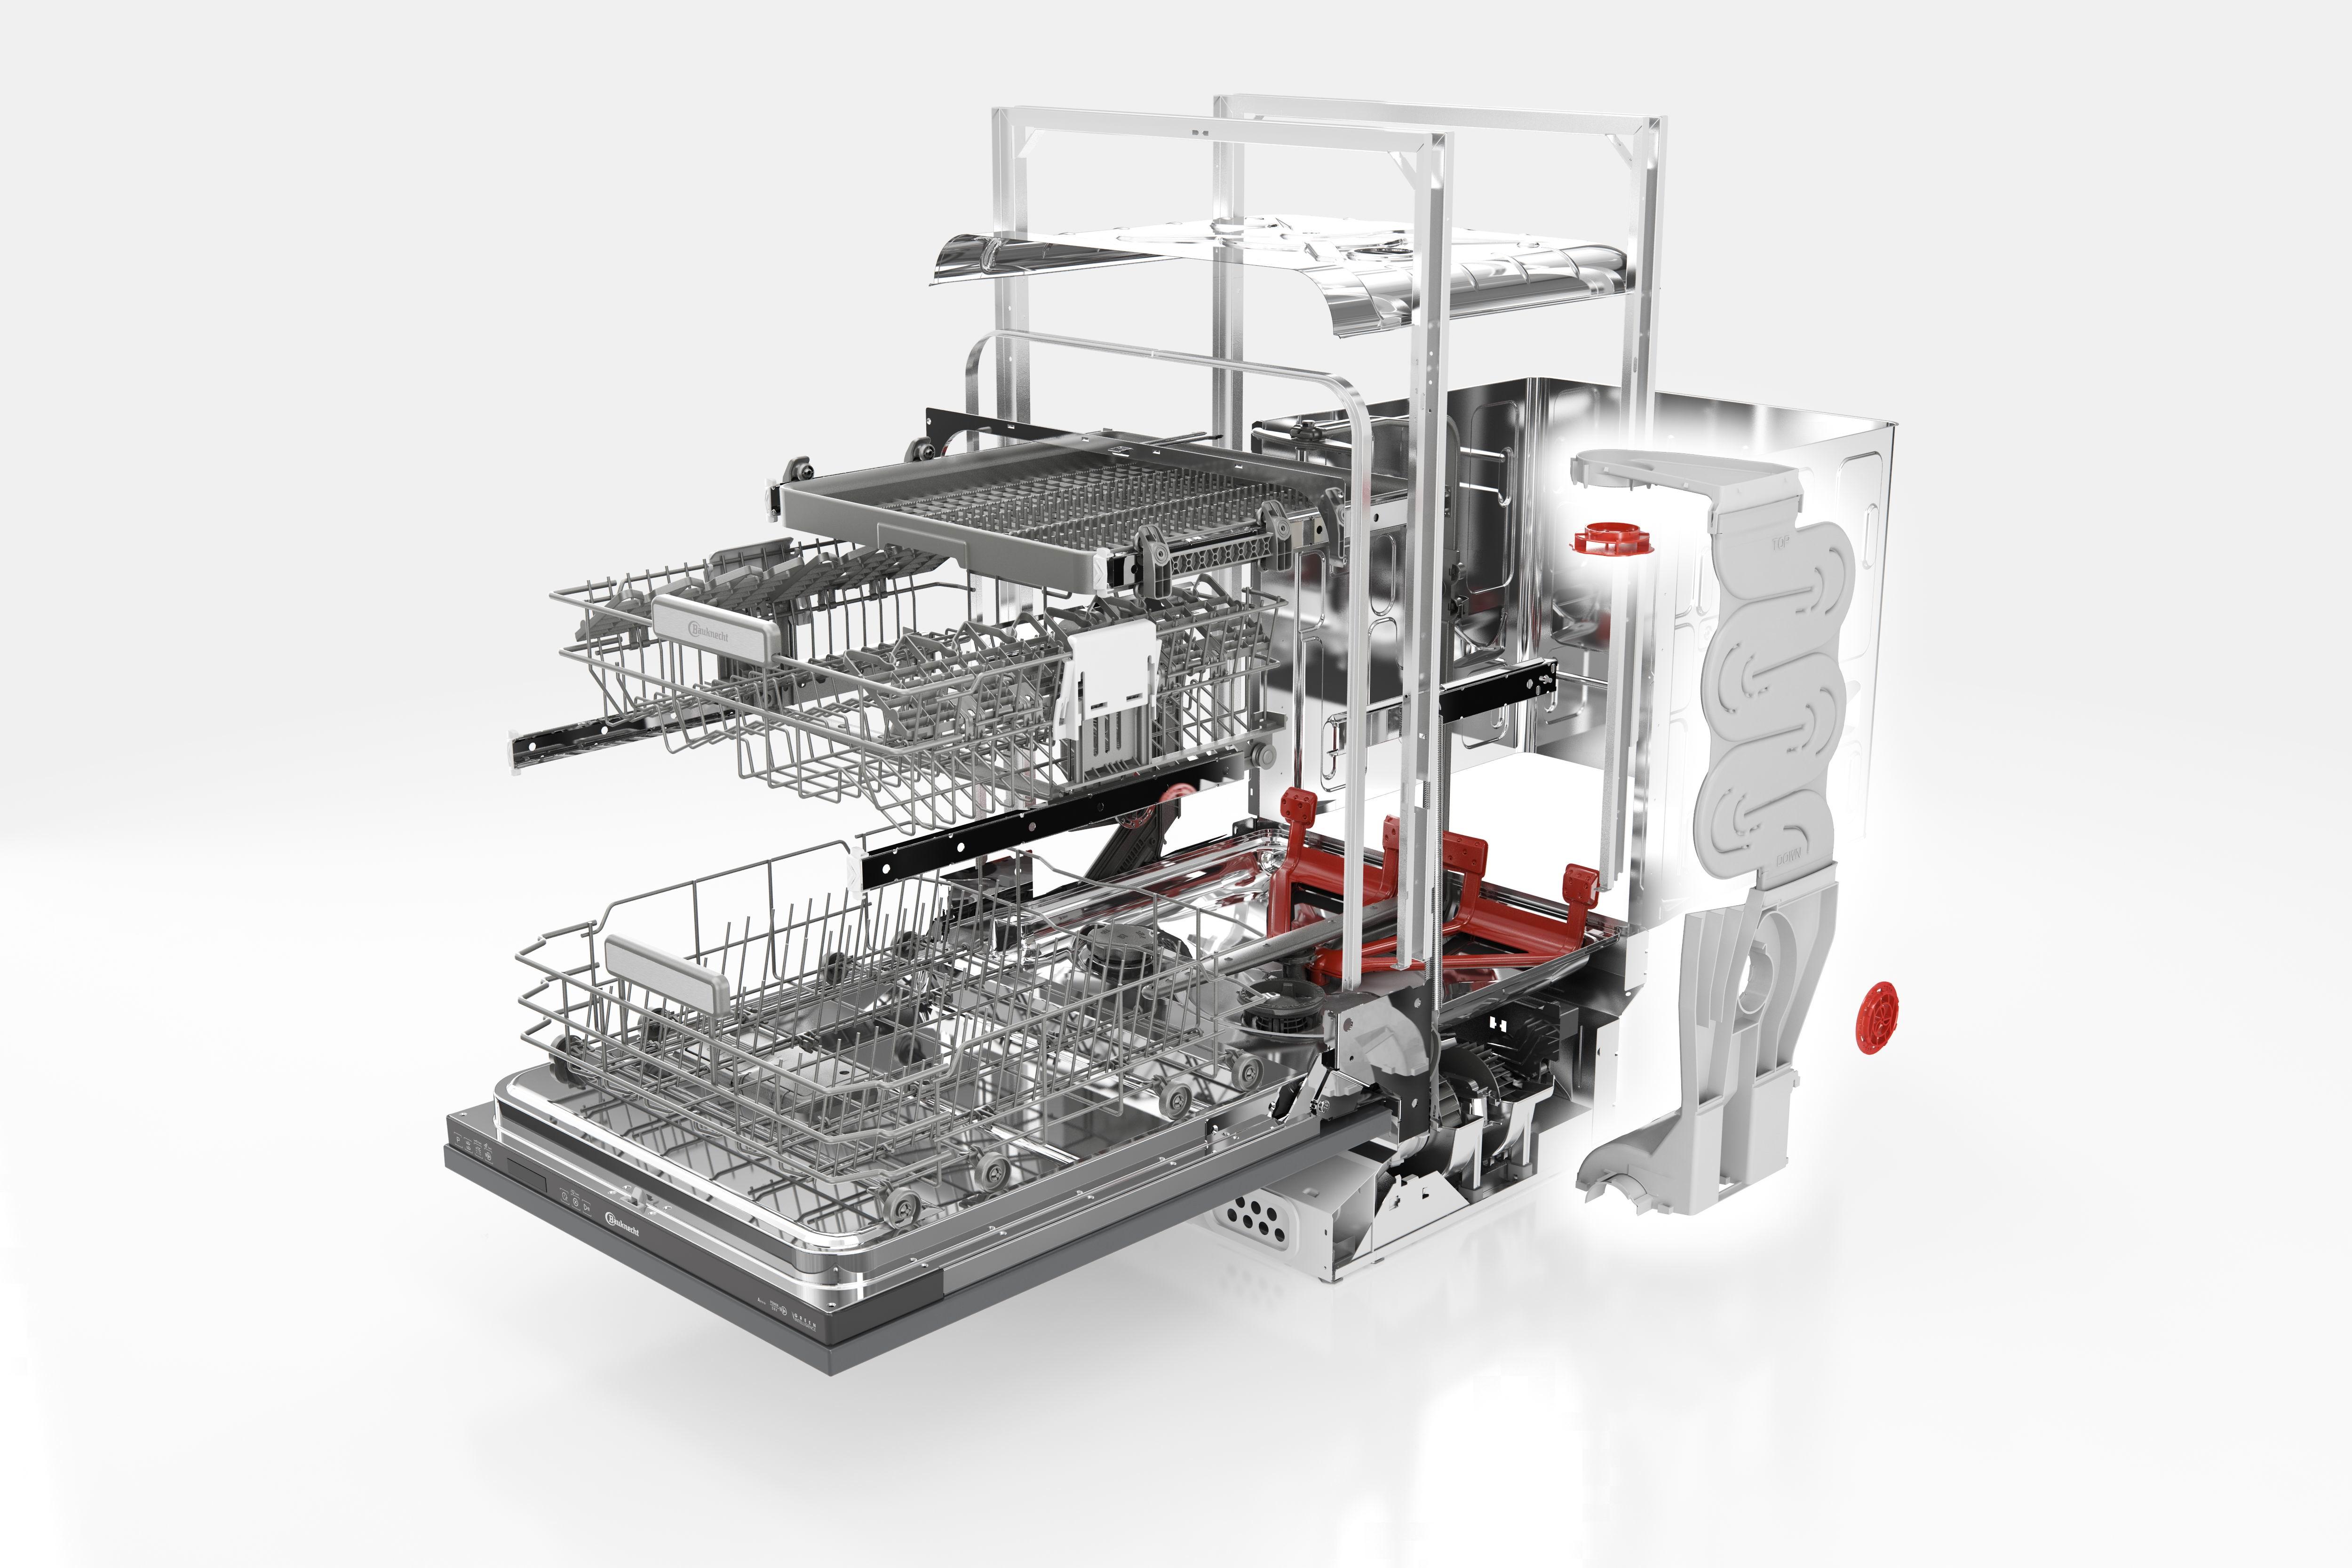 Bauknecht PowerWash-PowerDry dishwasher